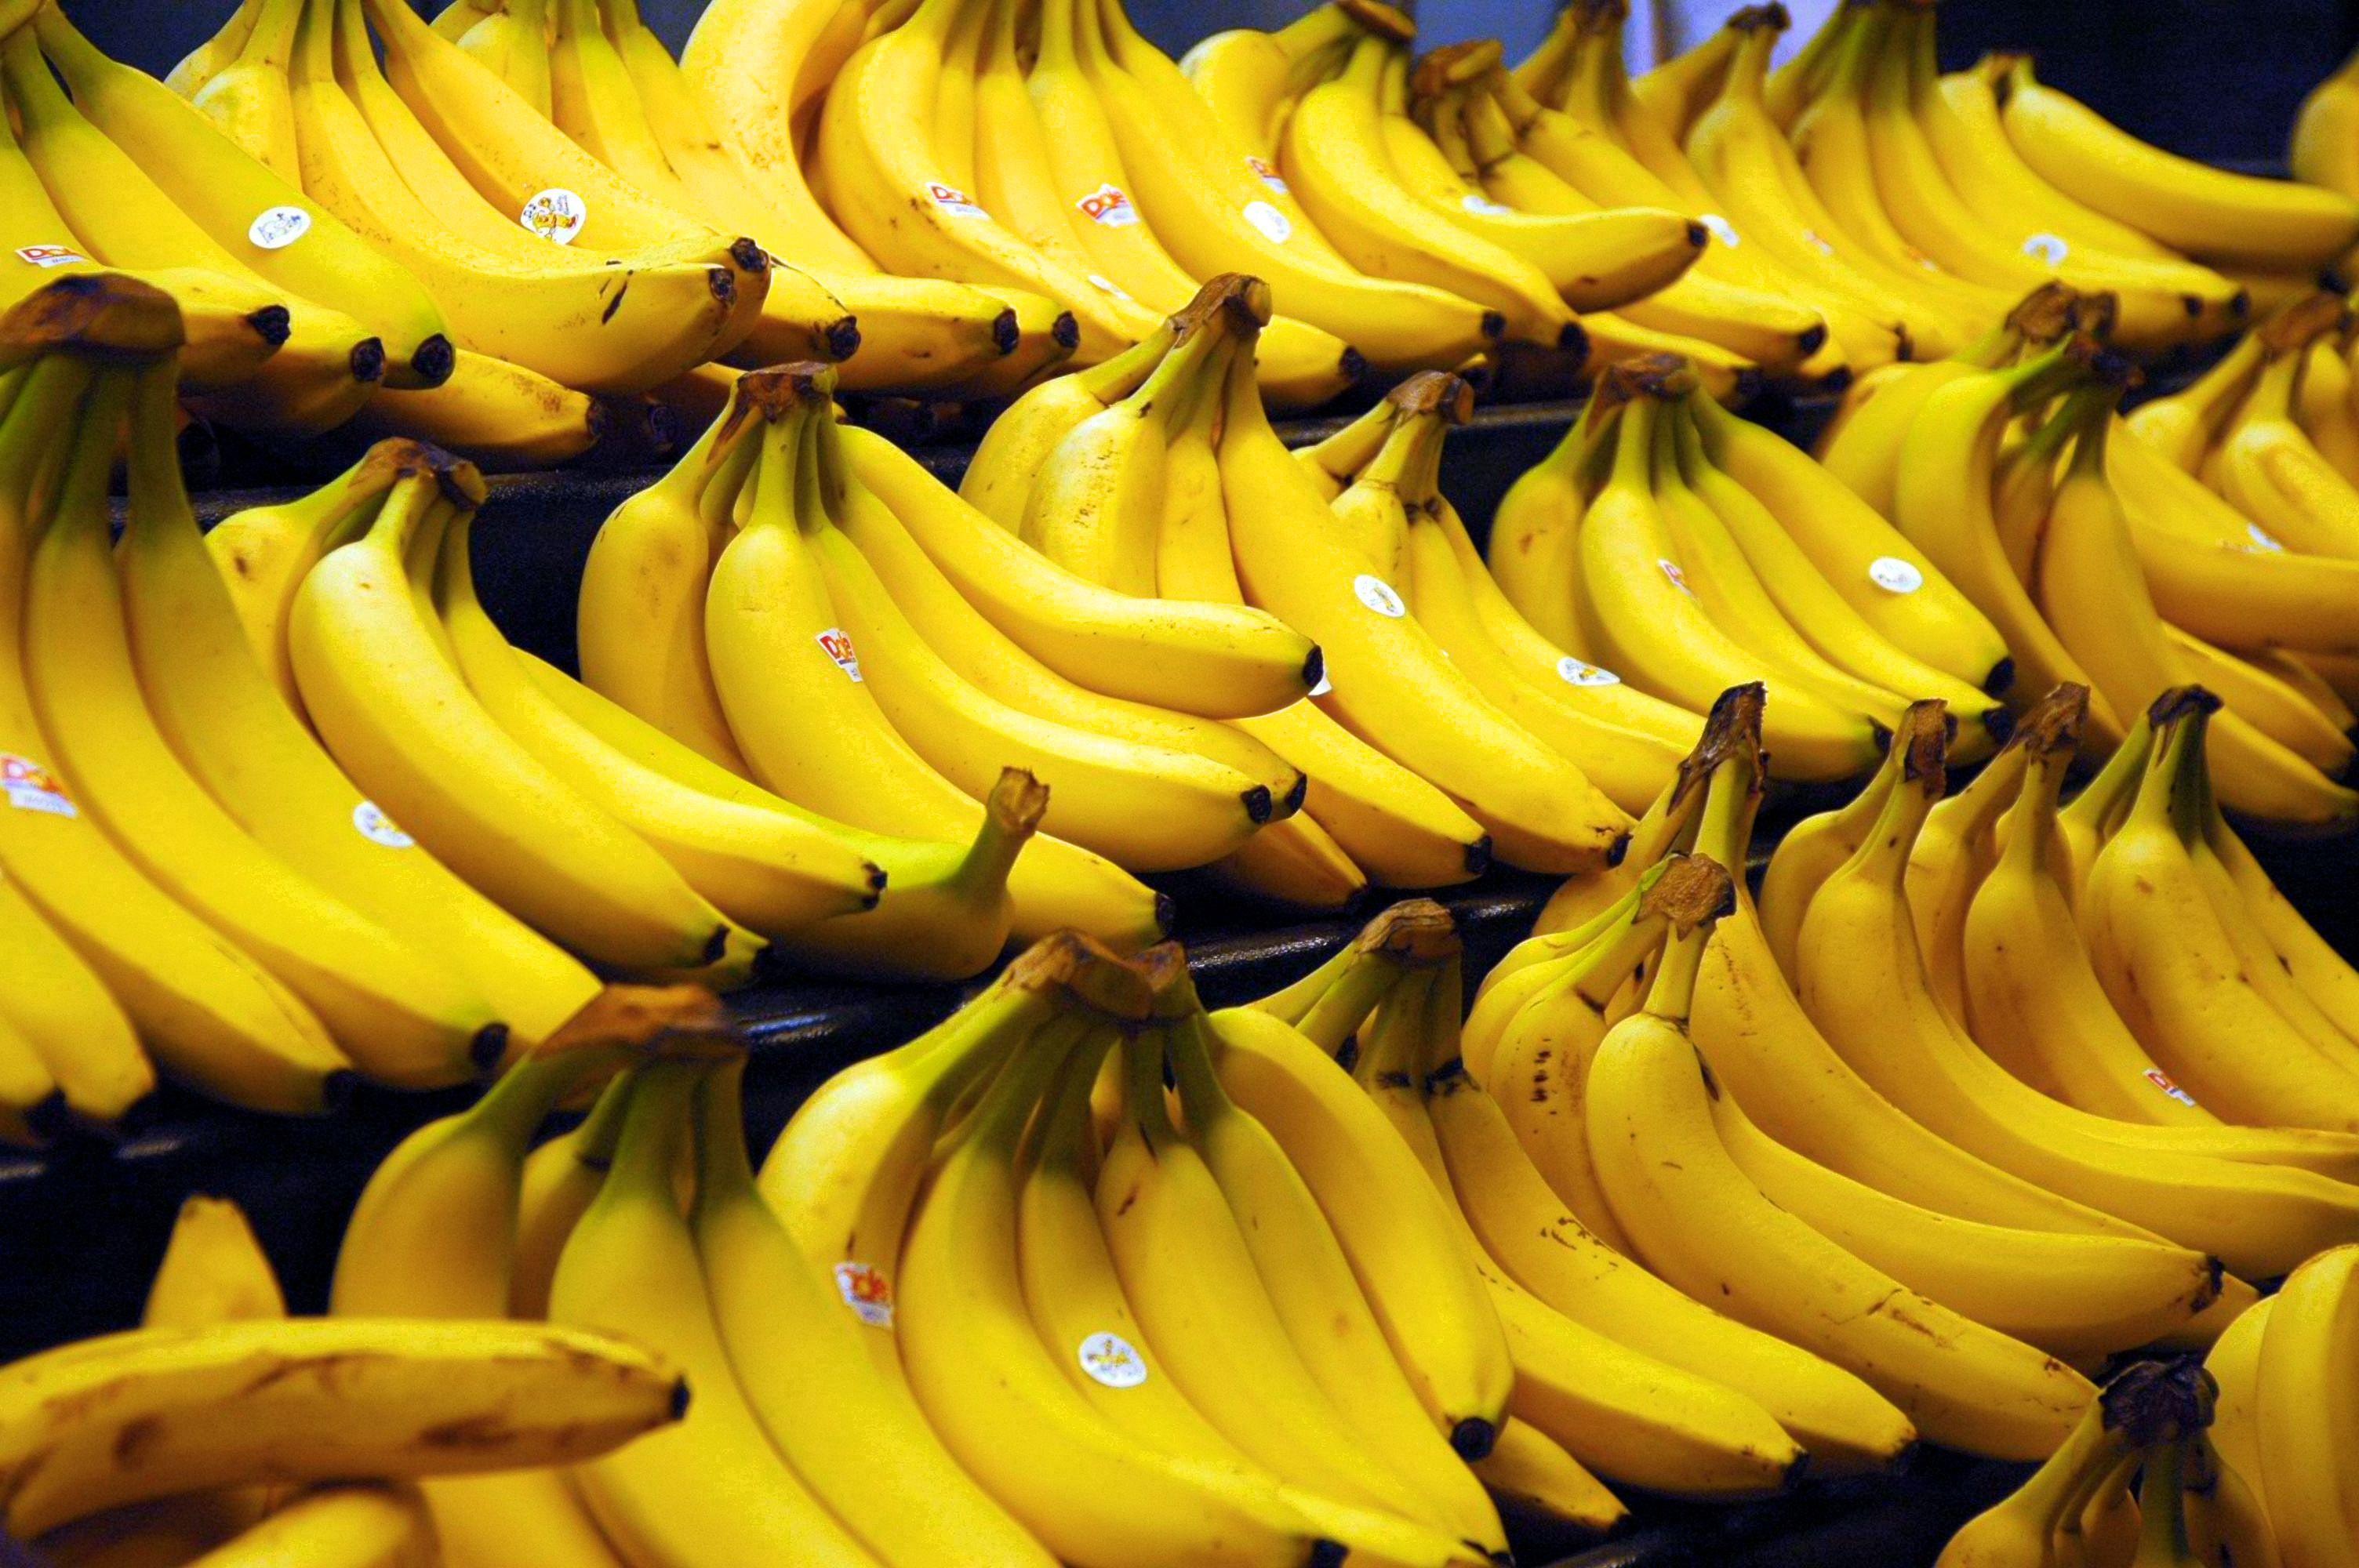 34 Banana HD Wallpapers